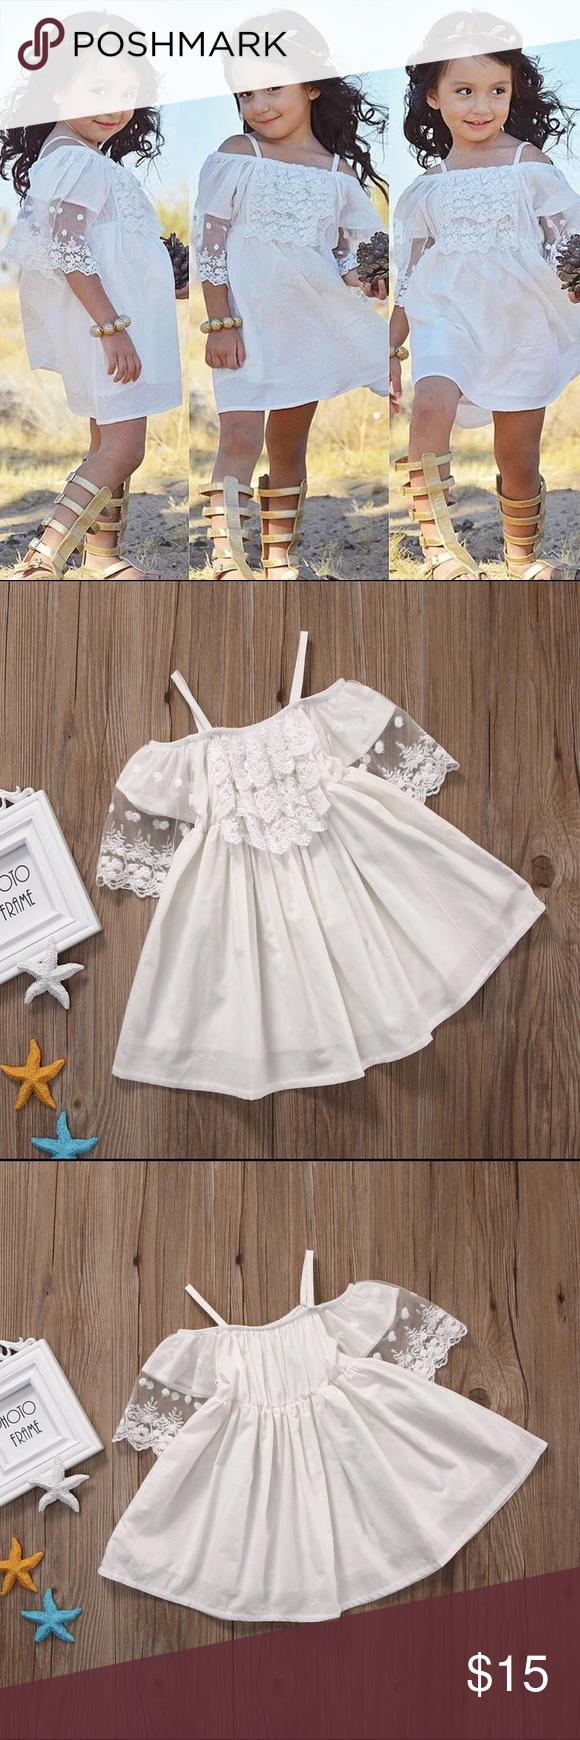 Toddler Girl Princess White Lace Dress Lace Toddler Dress Baby Girl Dresses Princess Dress Kids [ 1740 x 580 Pixel ]